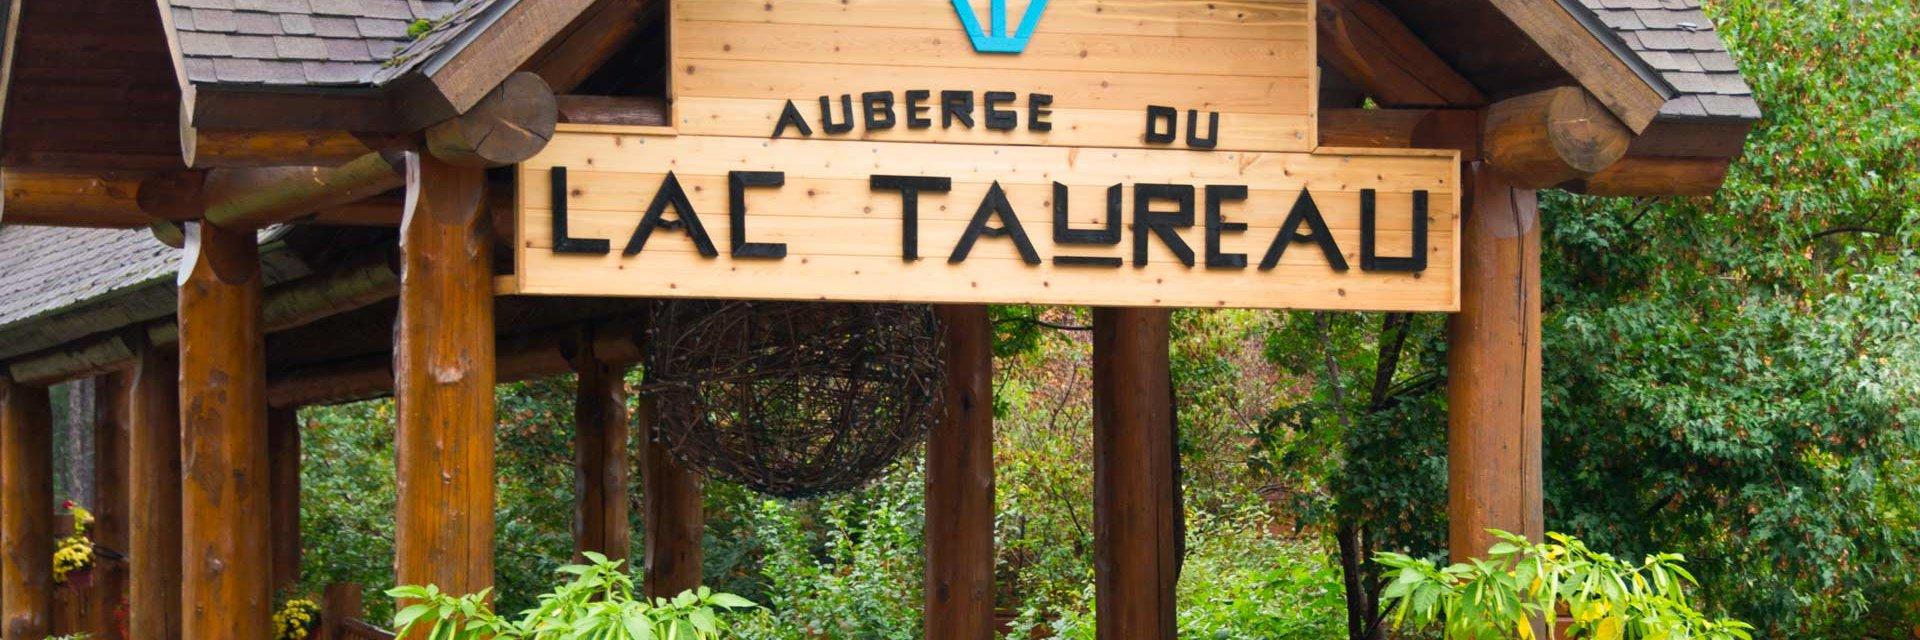 Séjour nature dans Lanaudière à l'Auberge du Lac Taureau